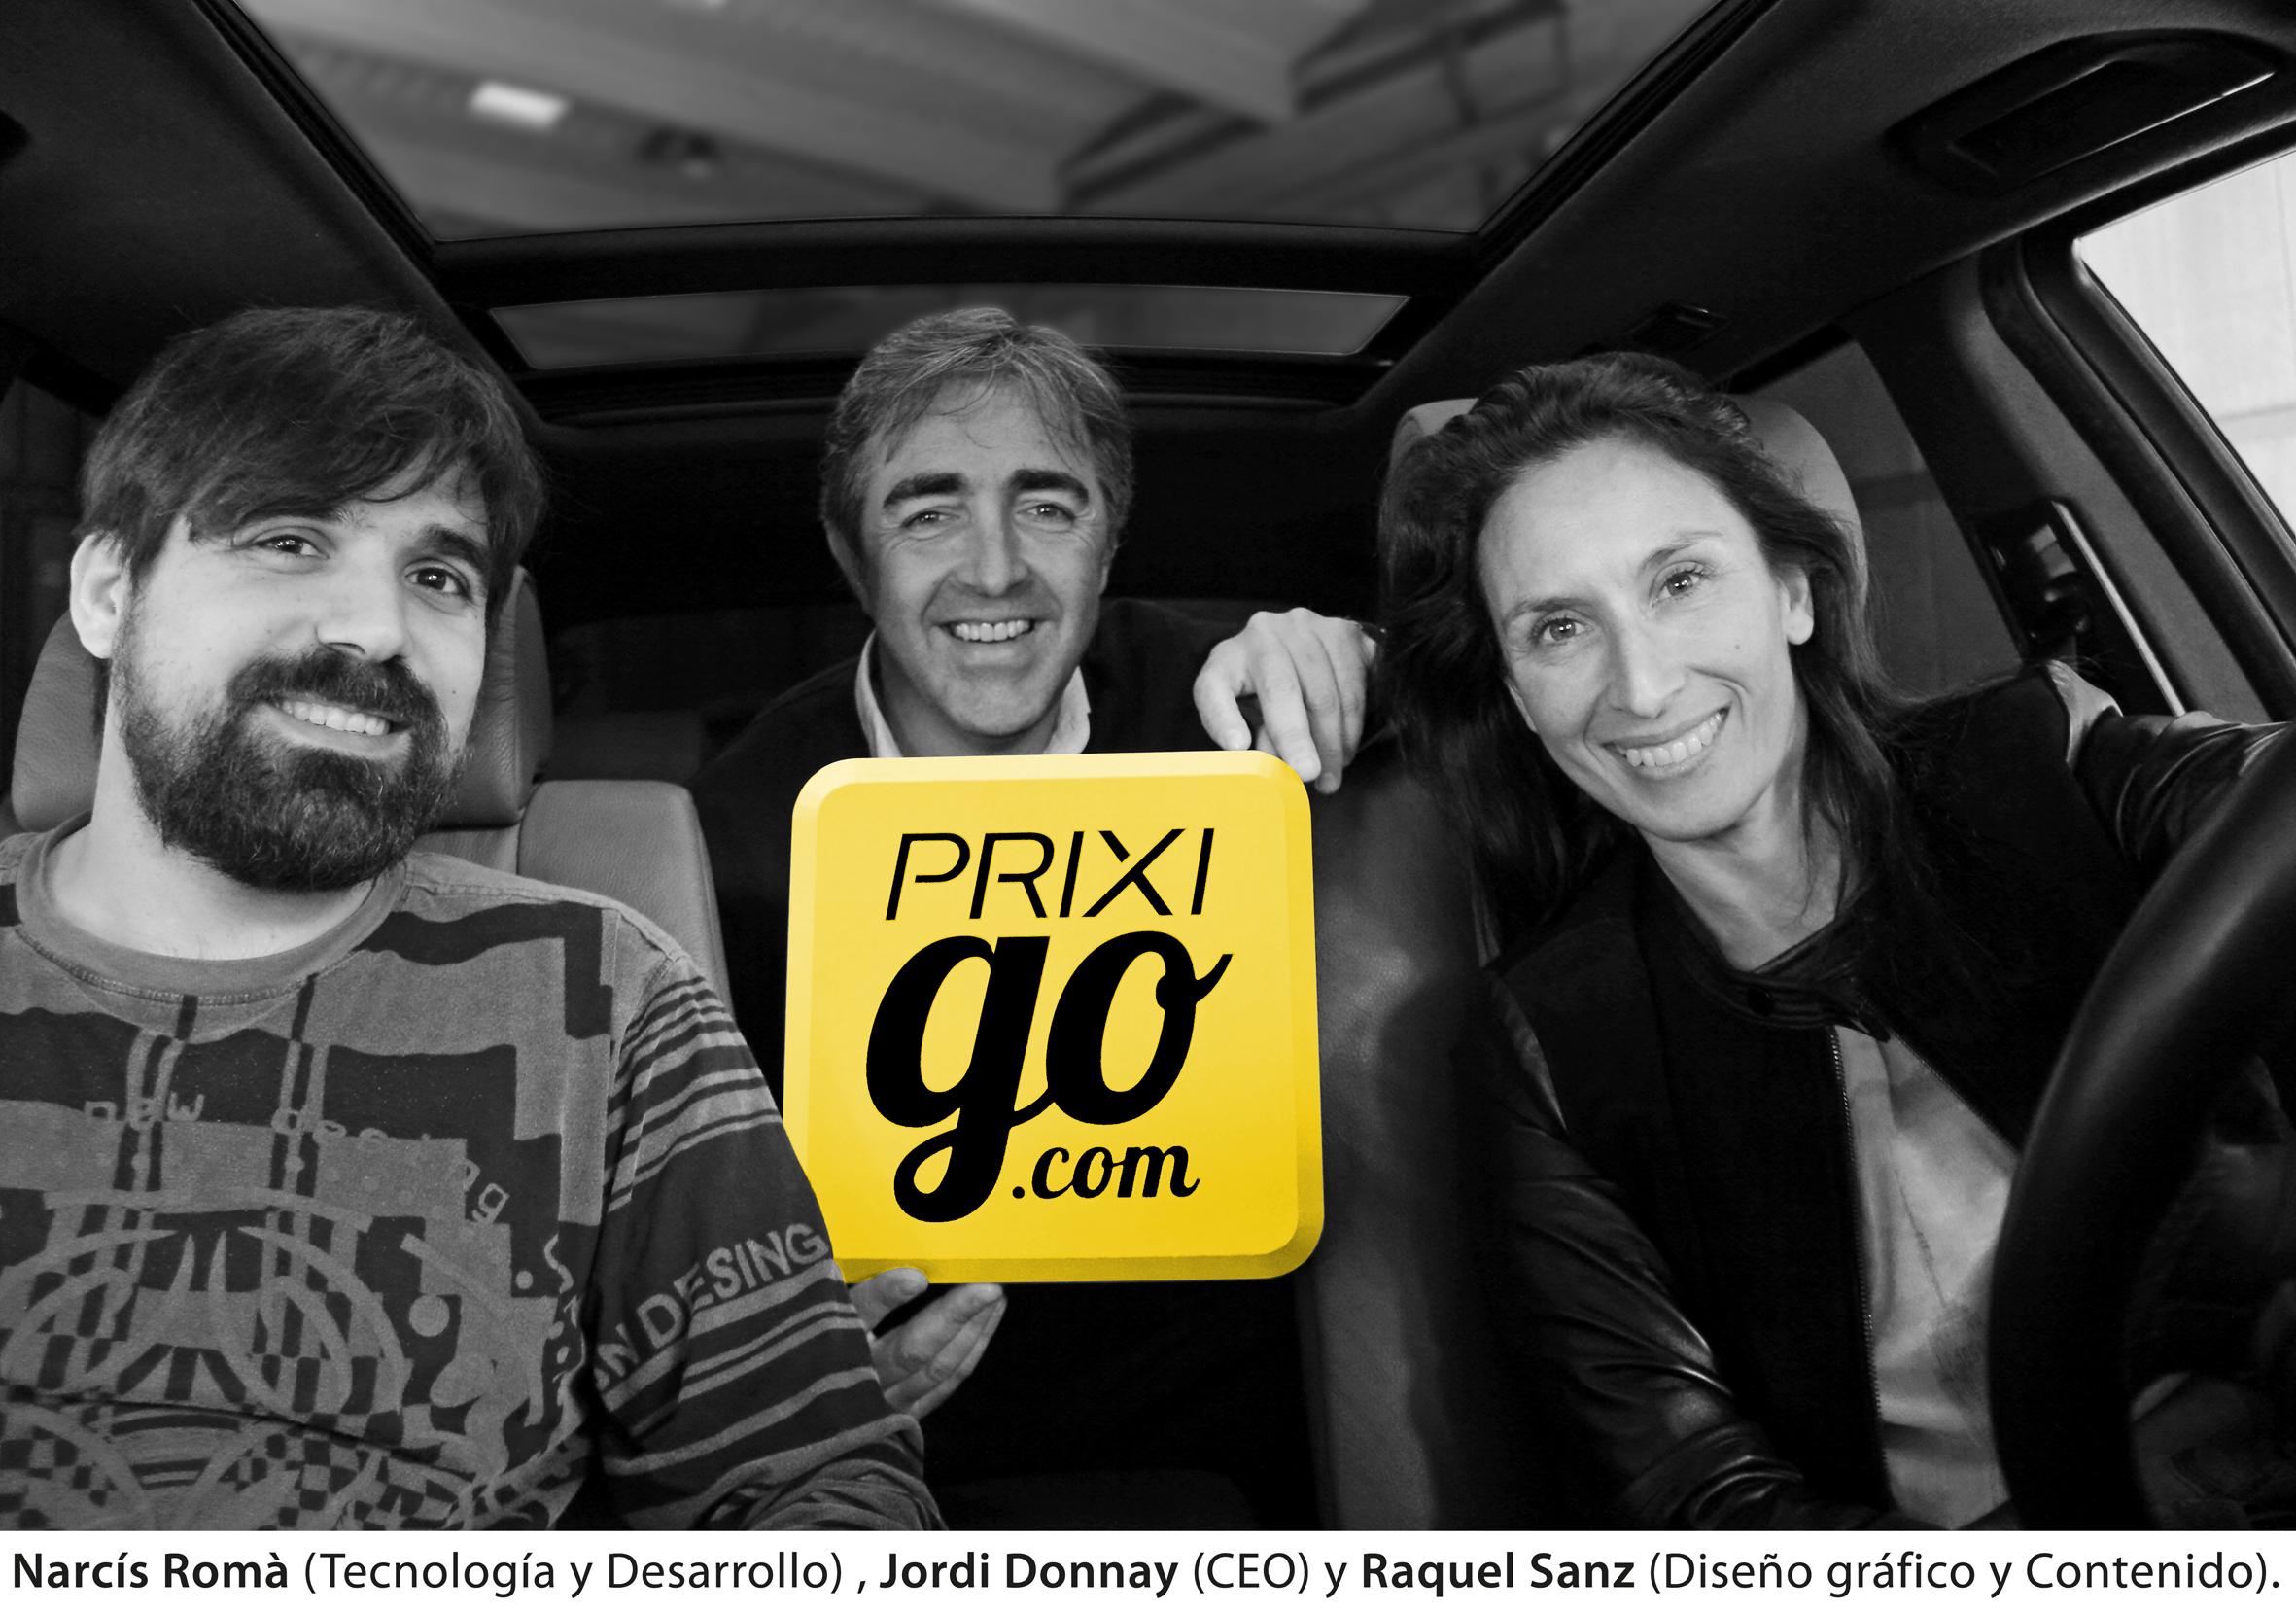 Nace PRIXIgo, una herramienta revolucionaria en el mundo del automóvil